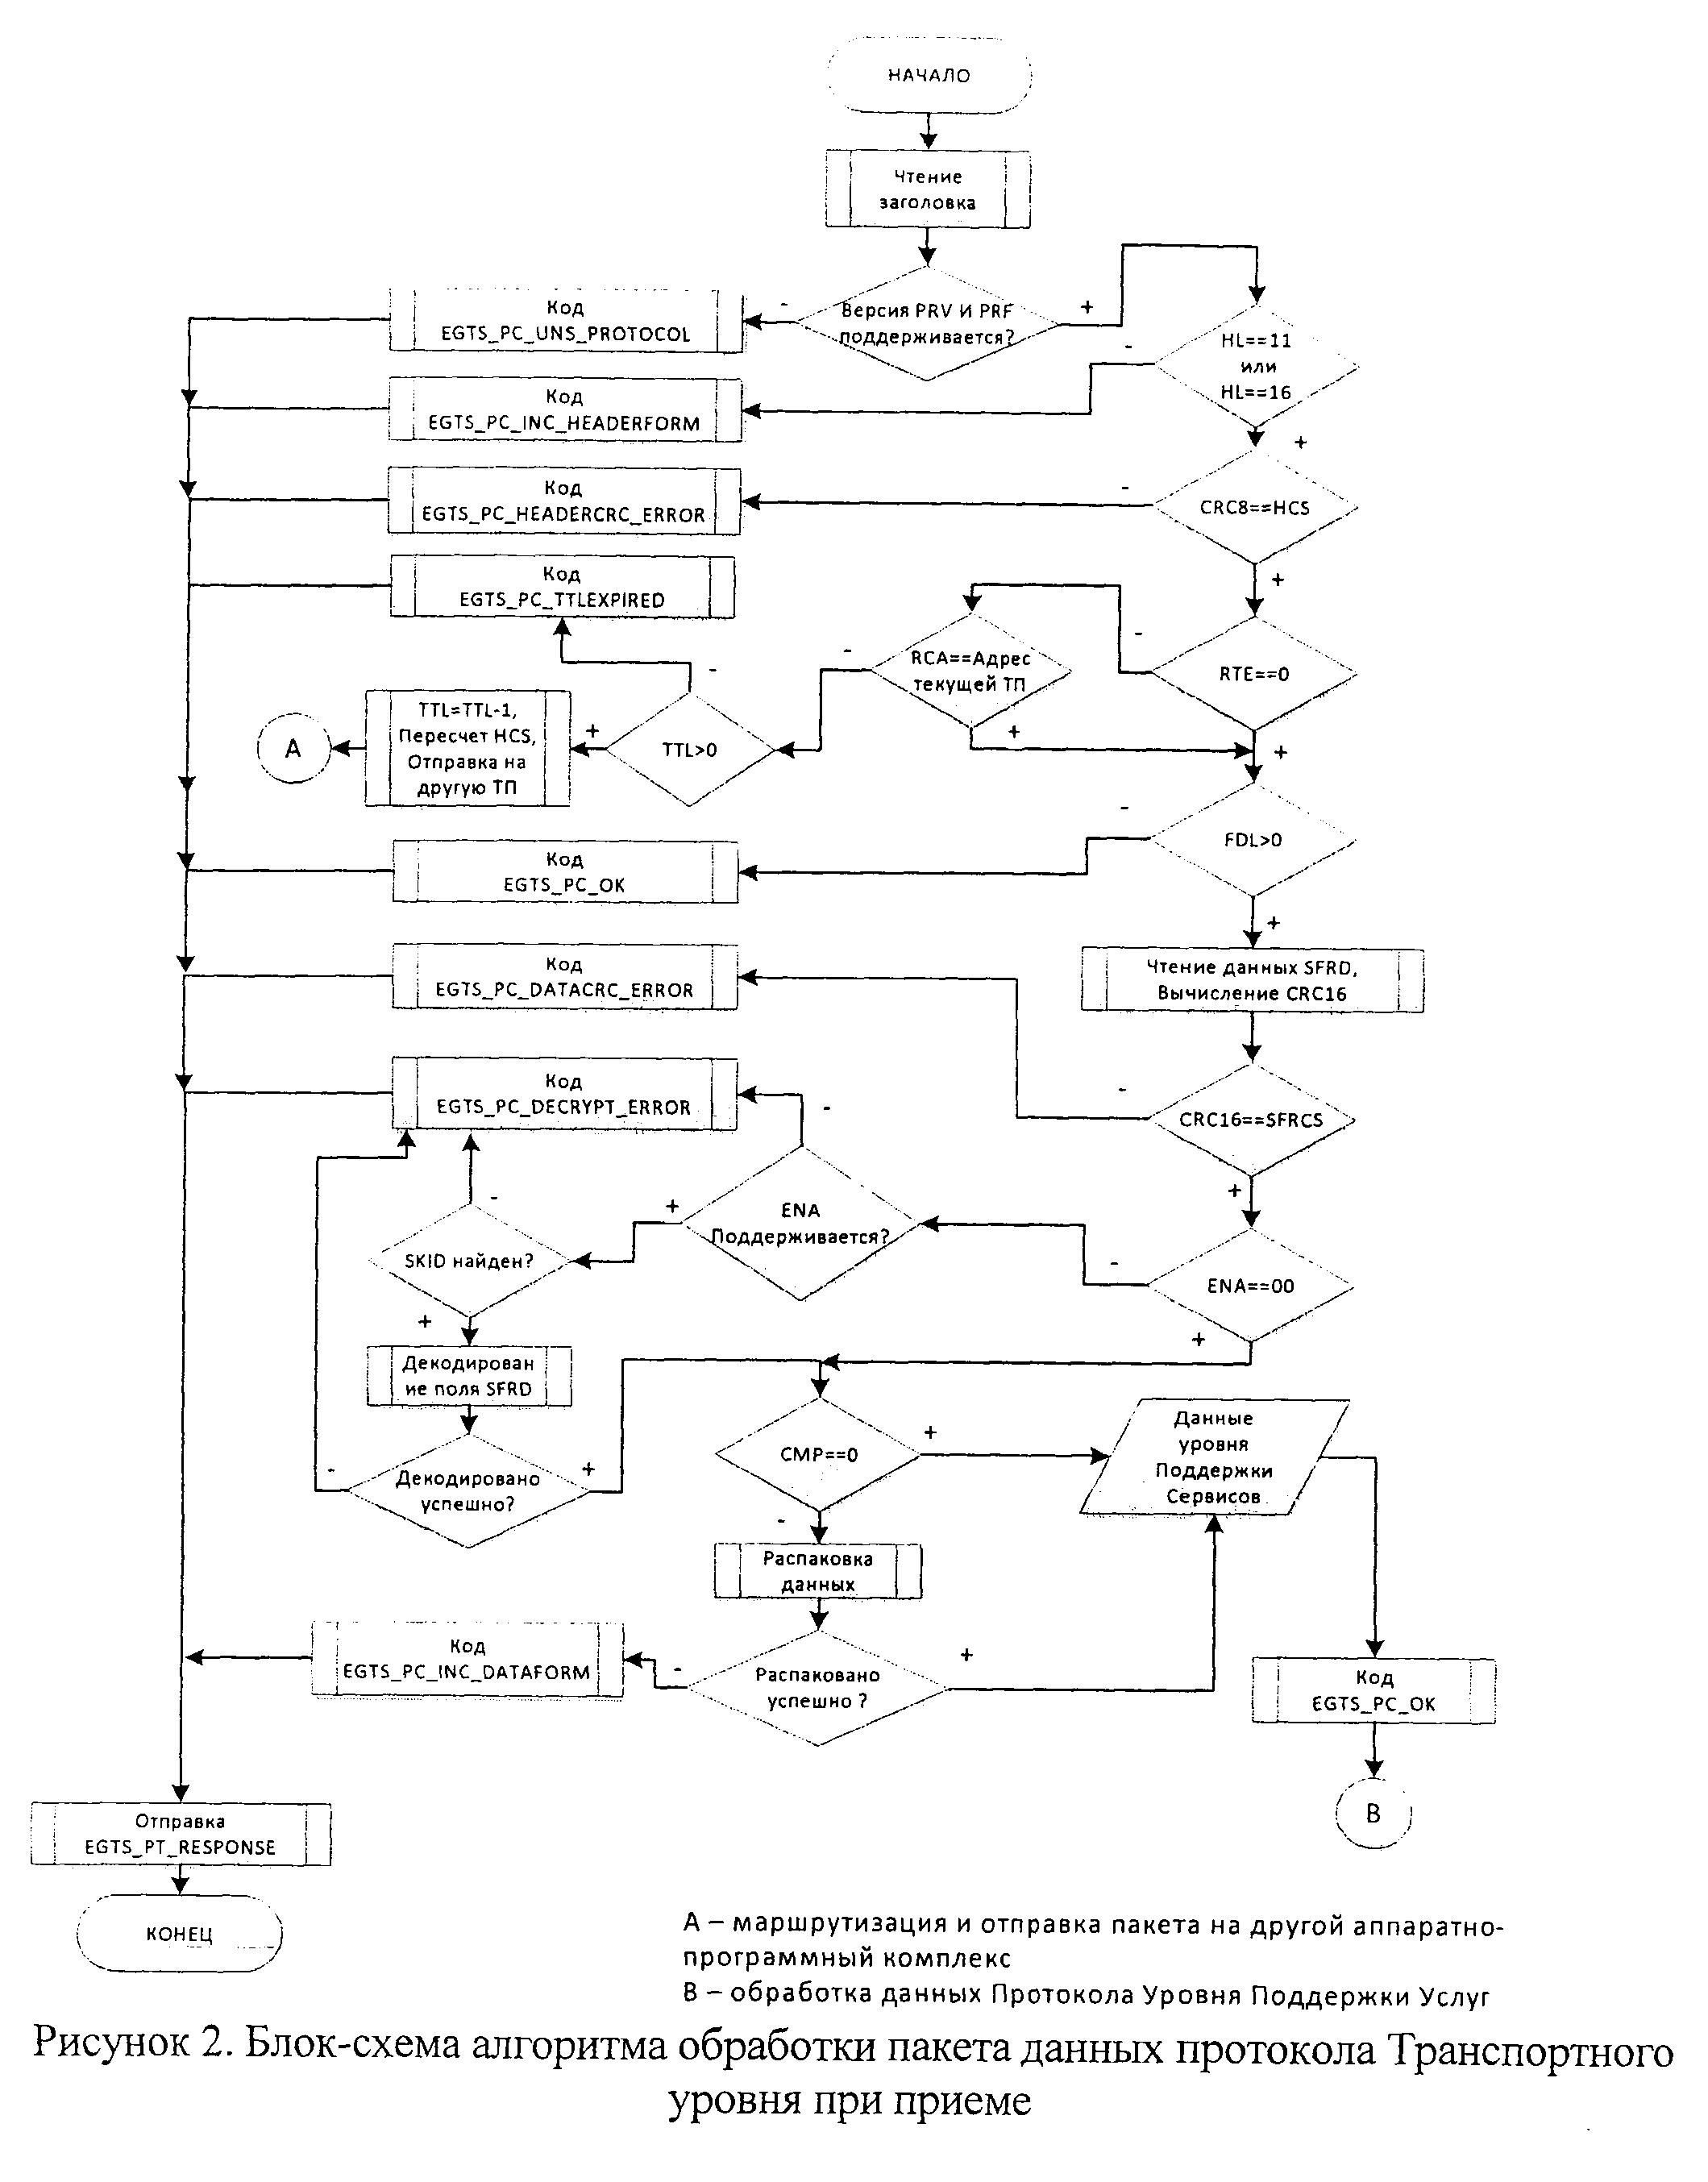 Обработка данных блок схема алгоритма